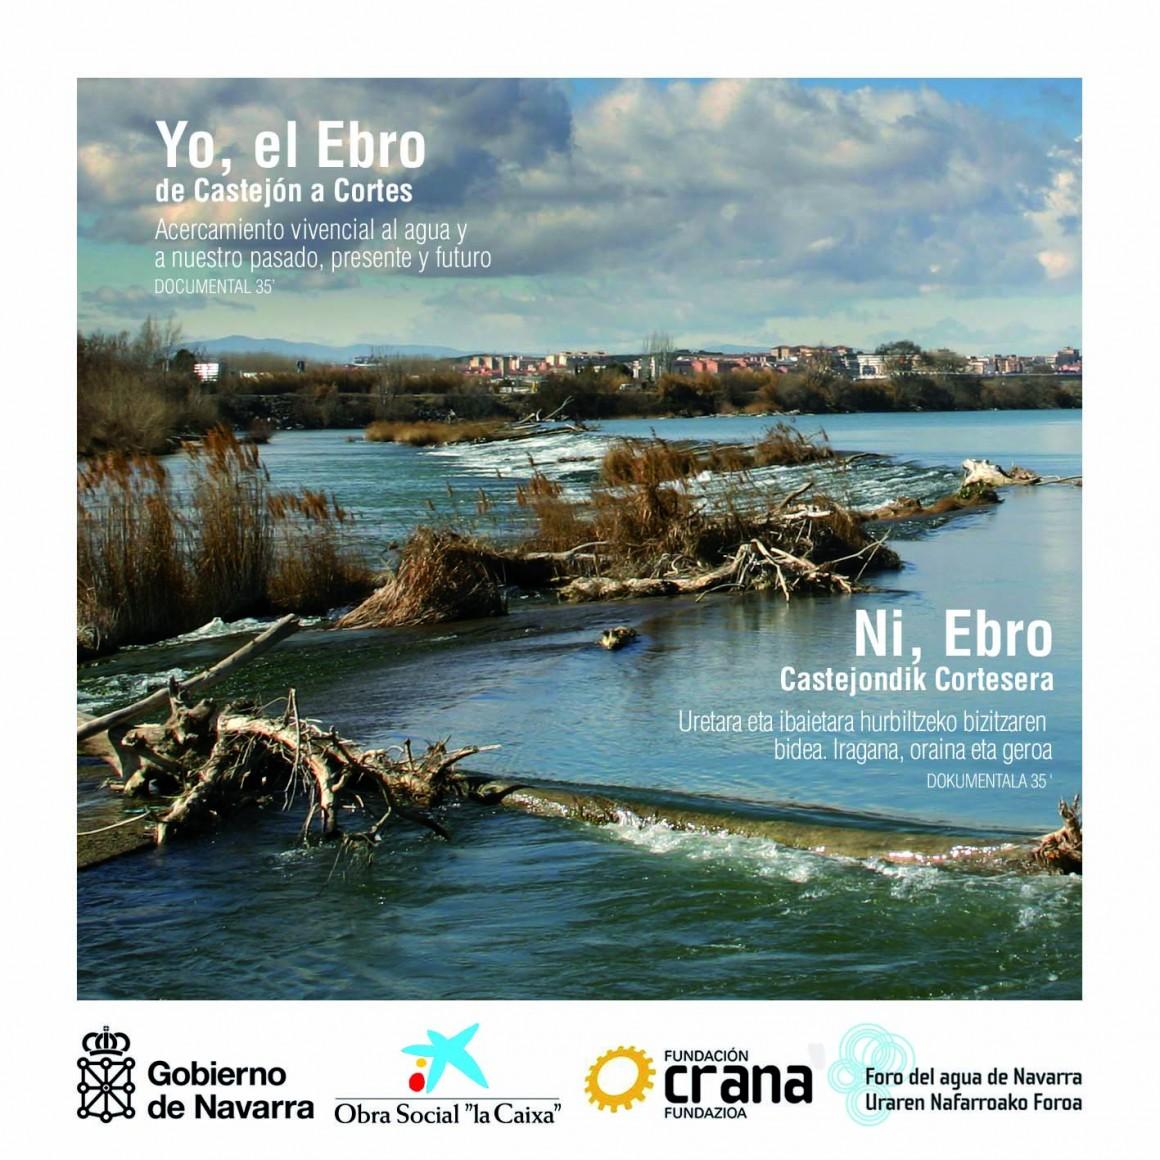 Ni, Ebro